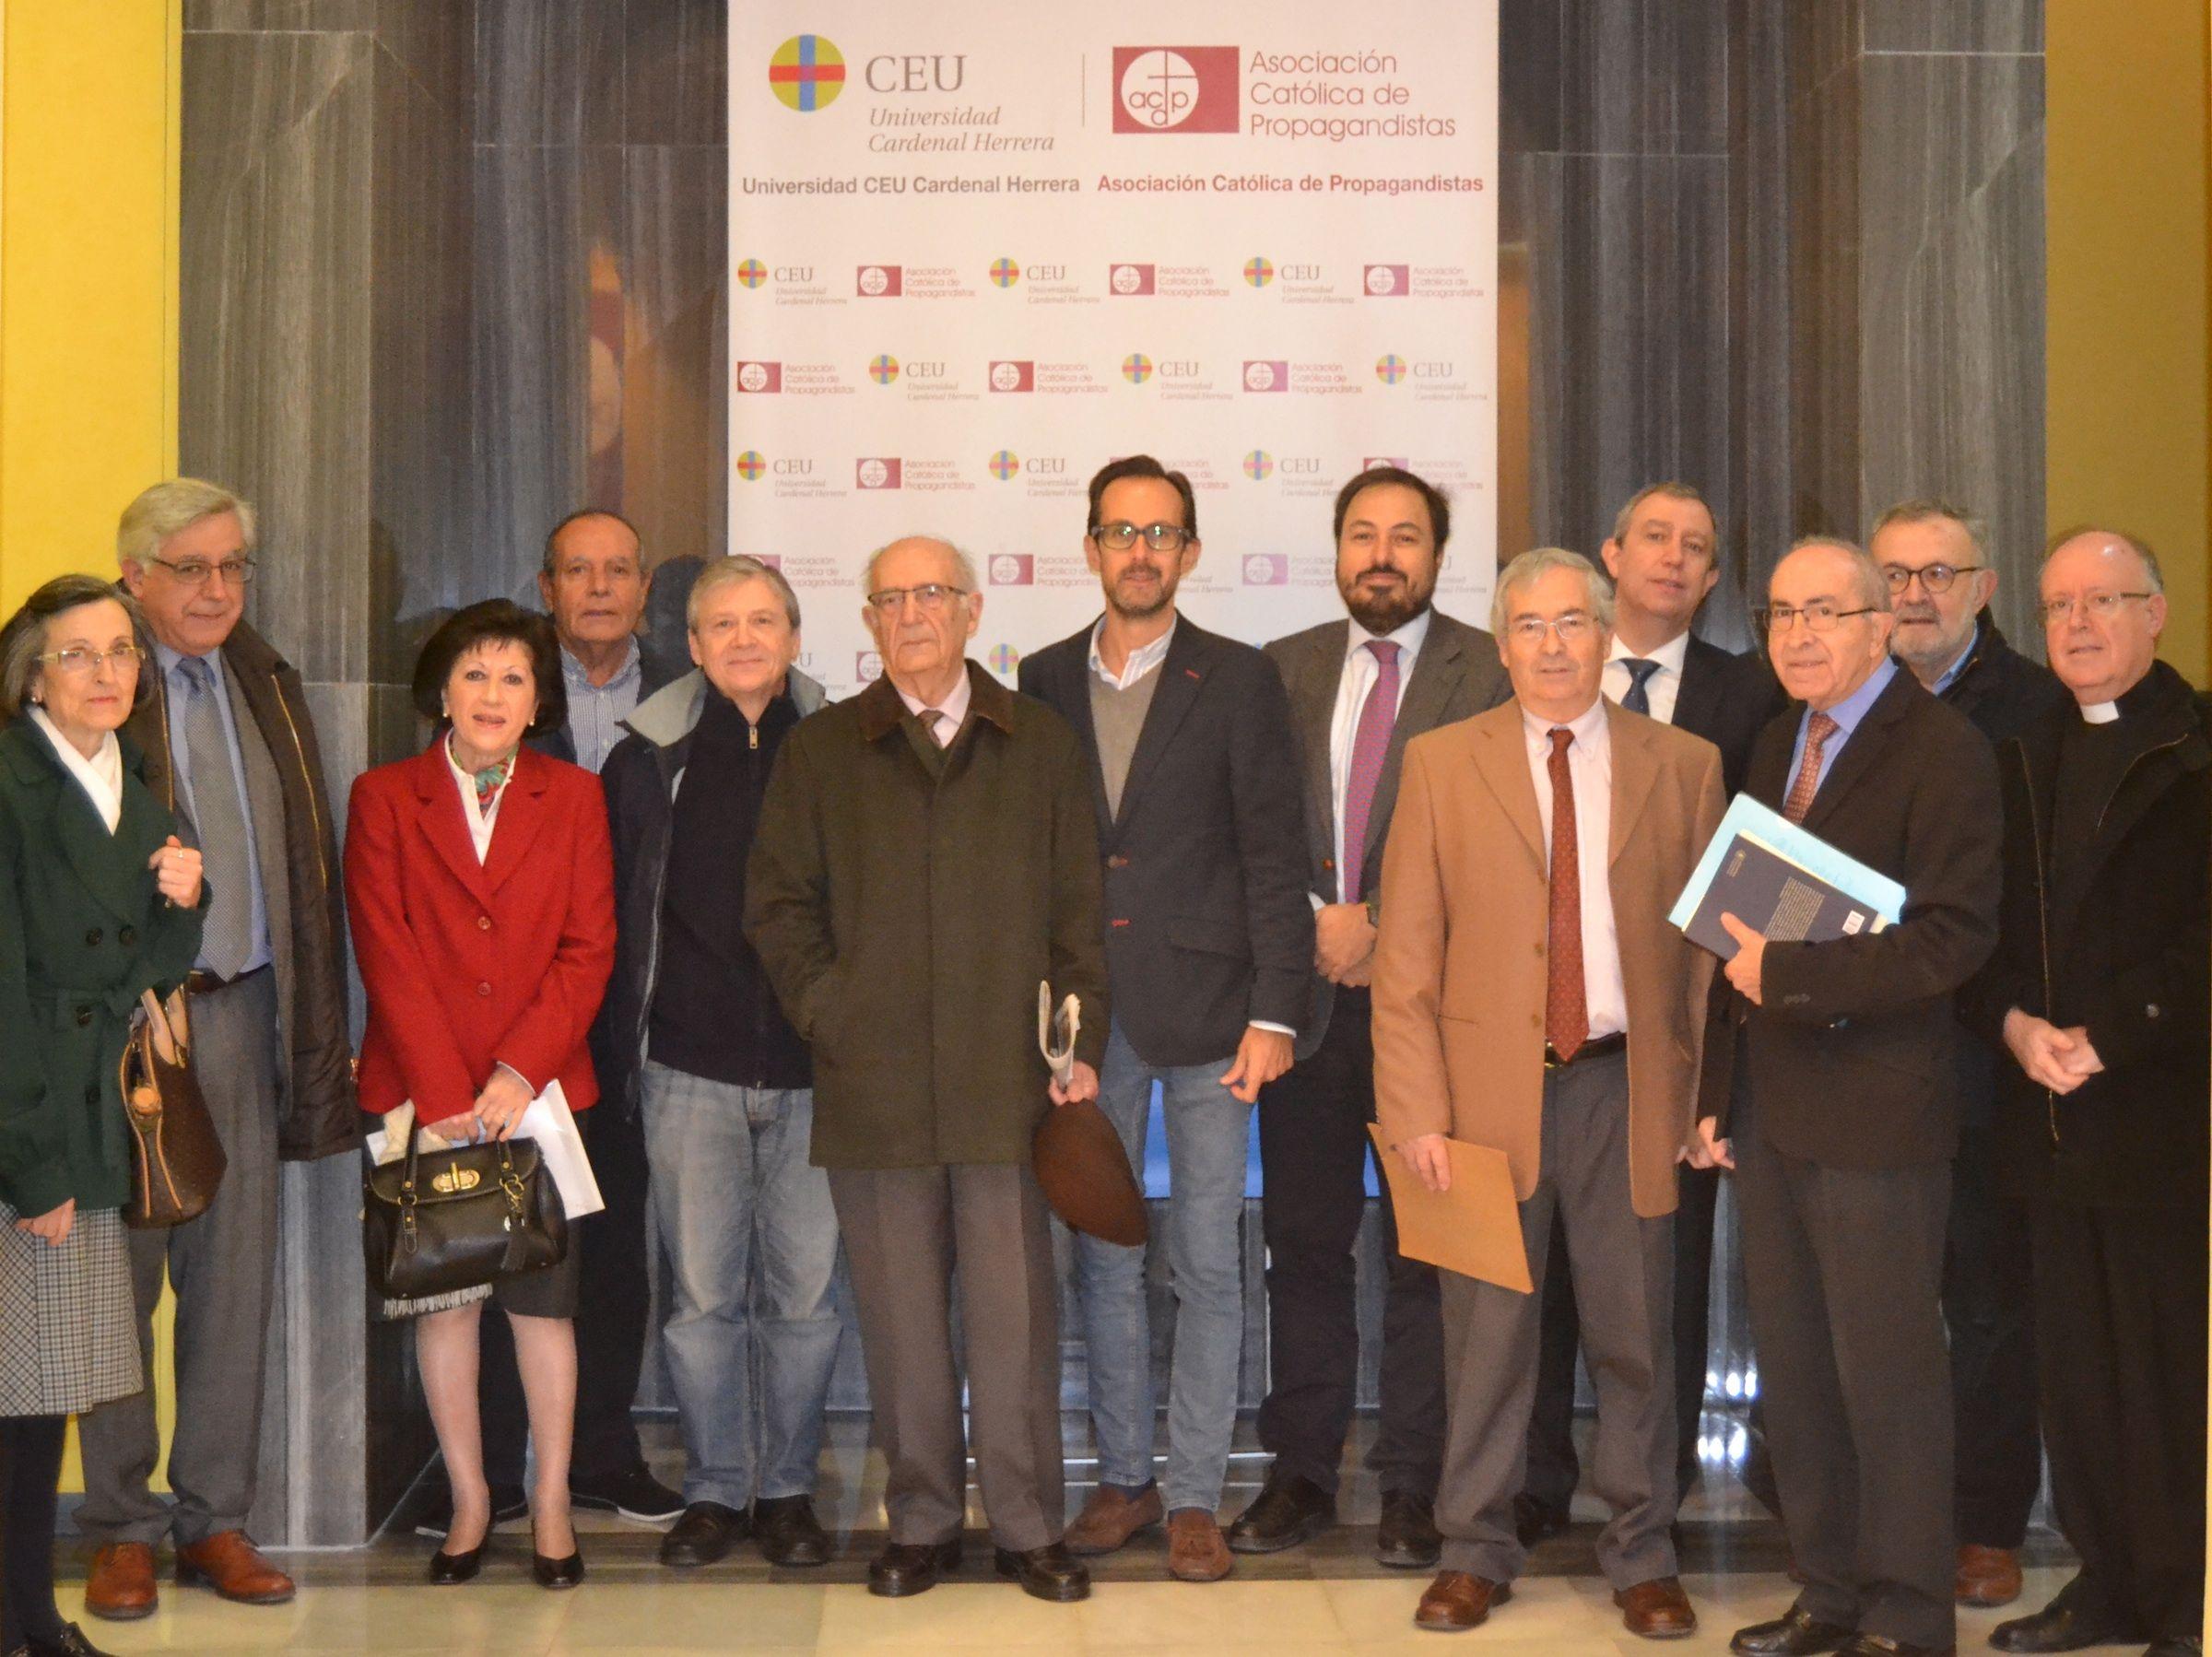 """En el centro, Emilio García Callado y el decano Elías Durán, junto a ponentes y organizadores de las Jornadas """"Res Ecclesiae"""", esta mañana en el Palacio de Colomina-CEU."""